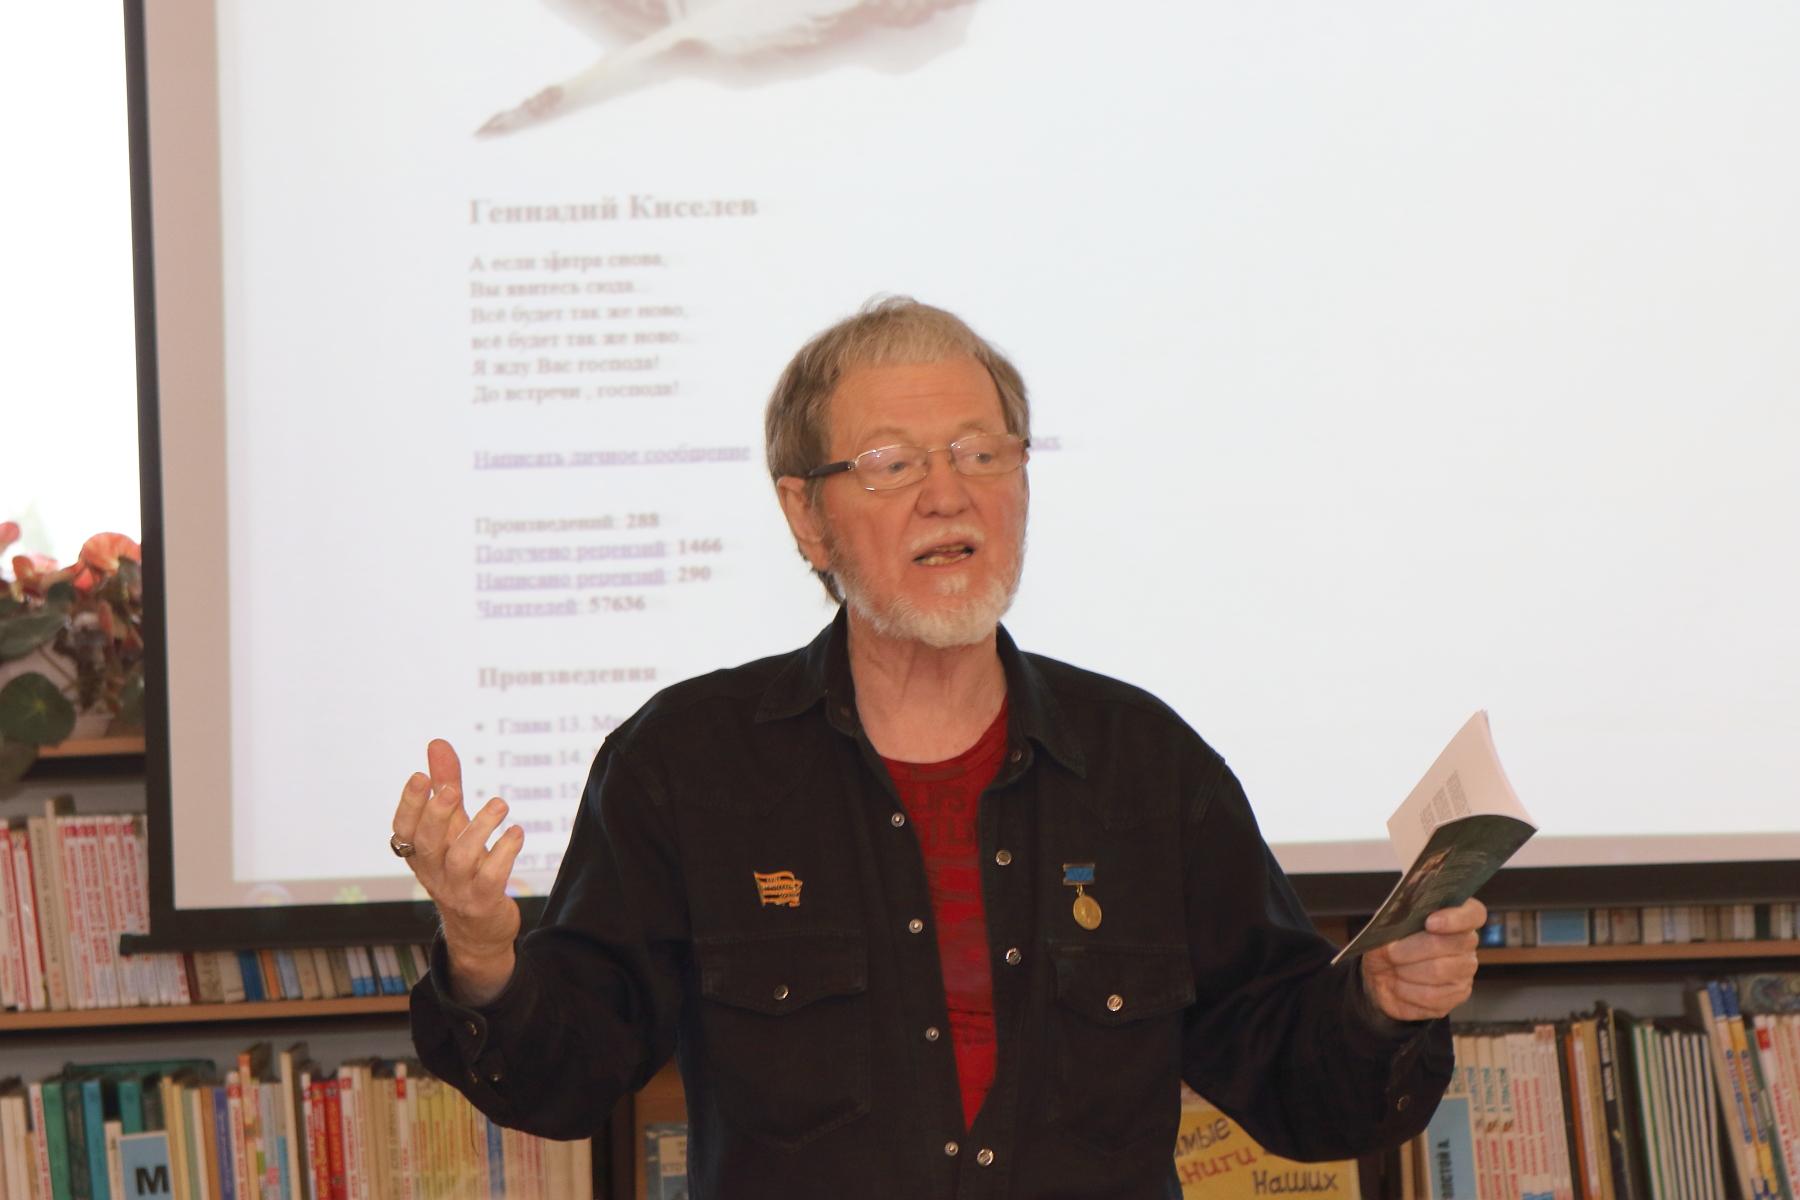 Геннадий Косточаков, член союза писателей России